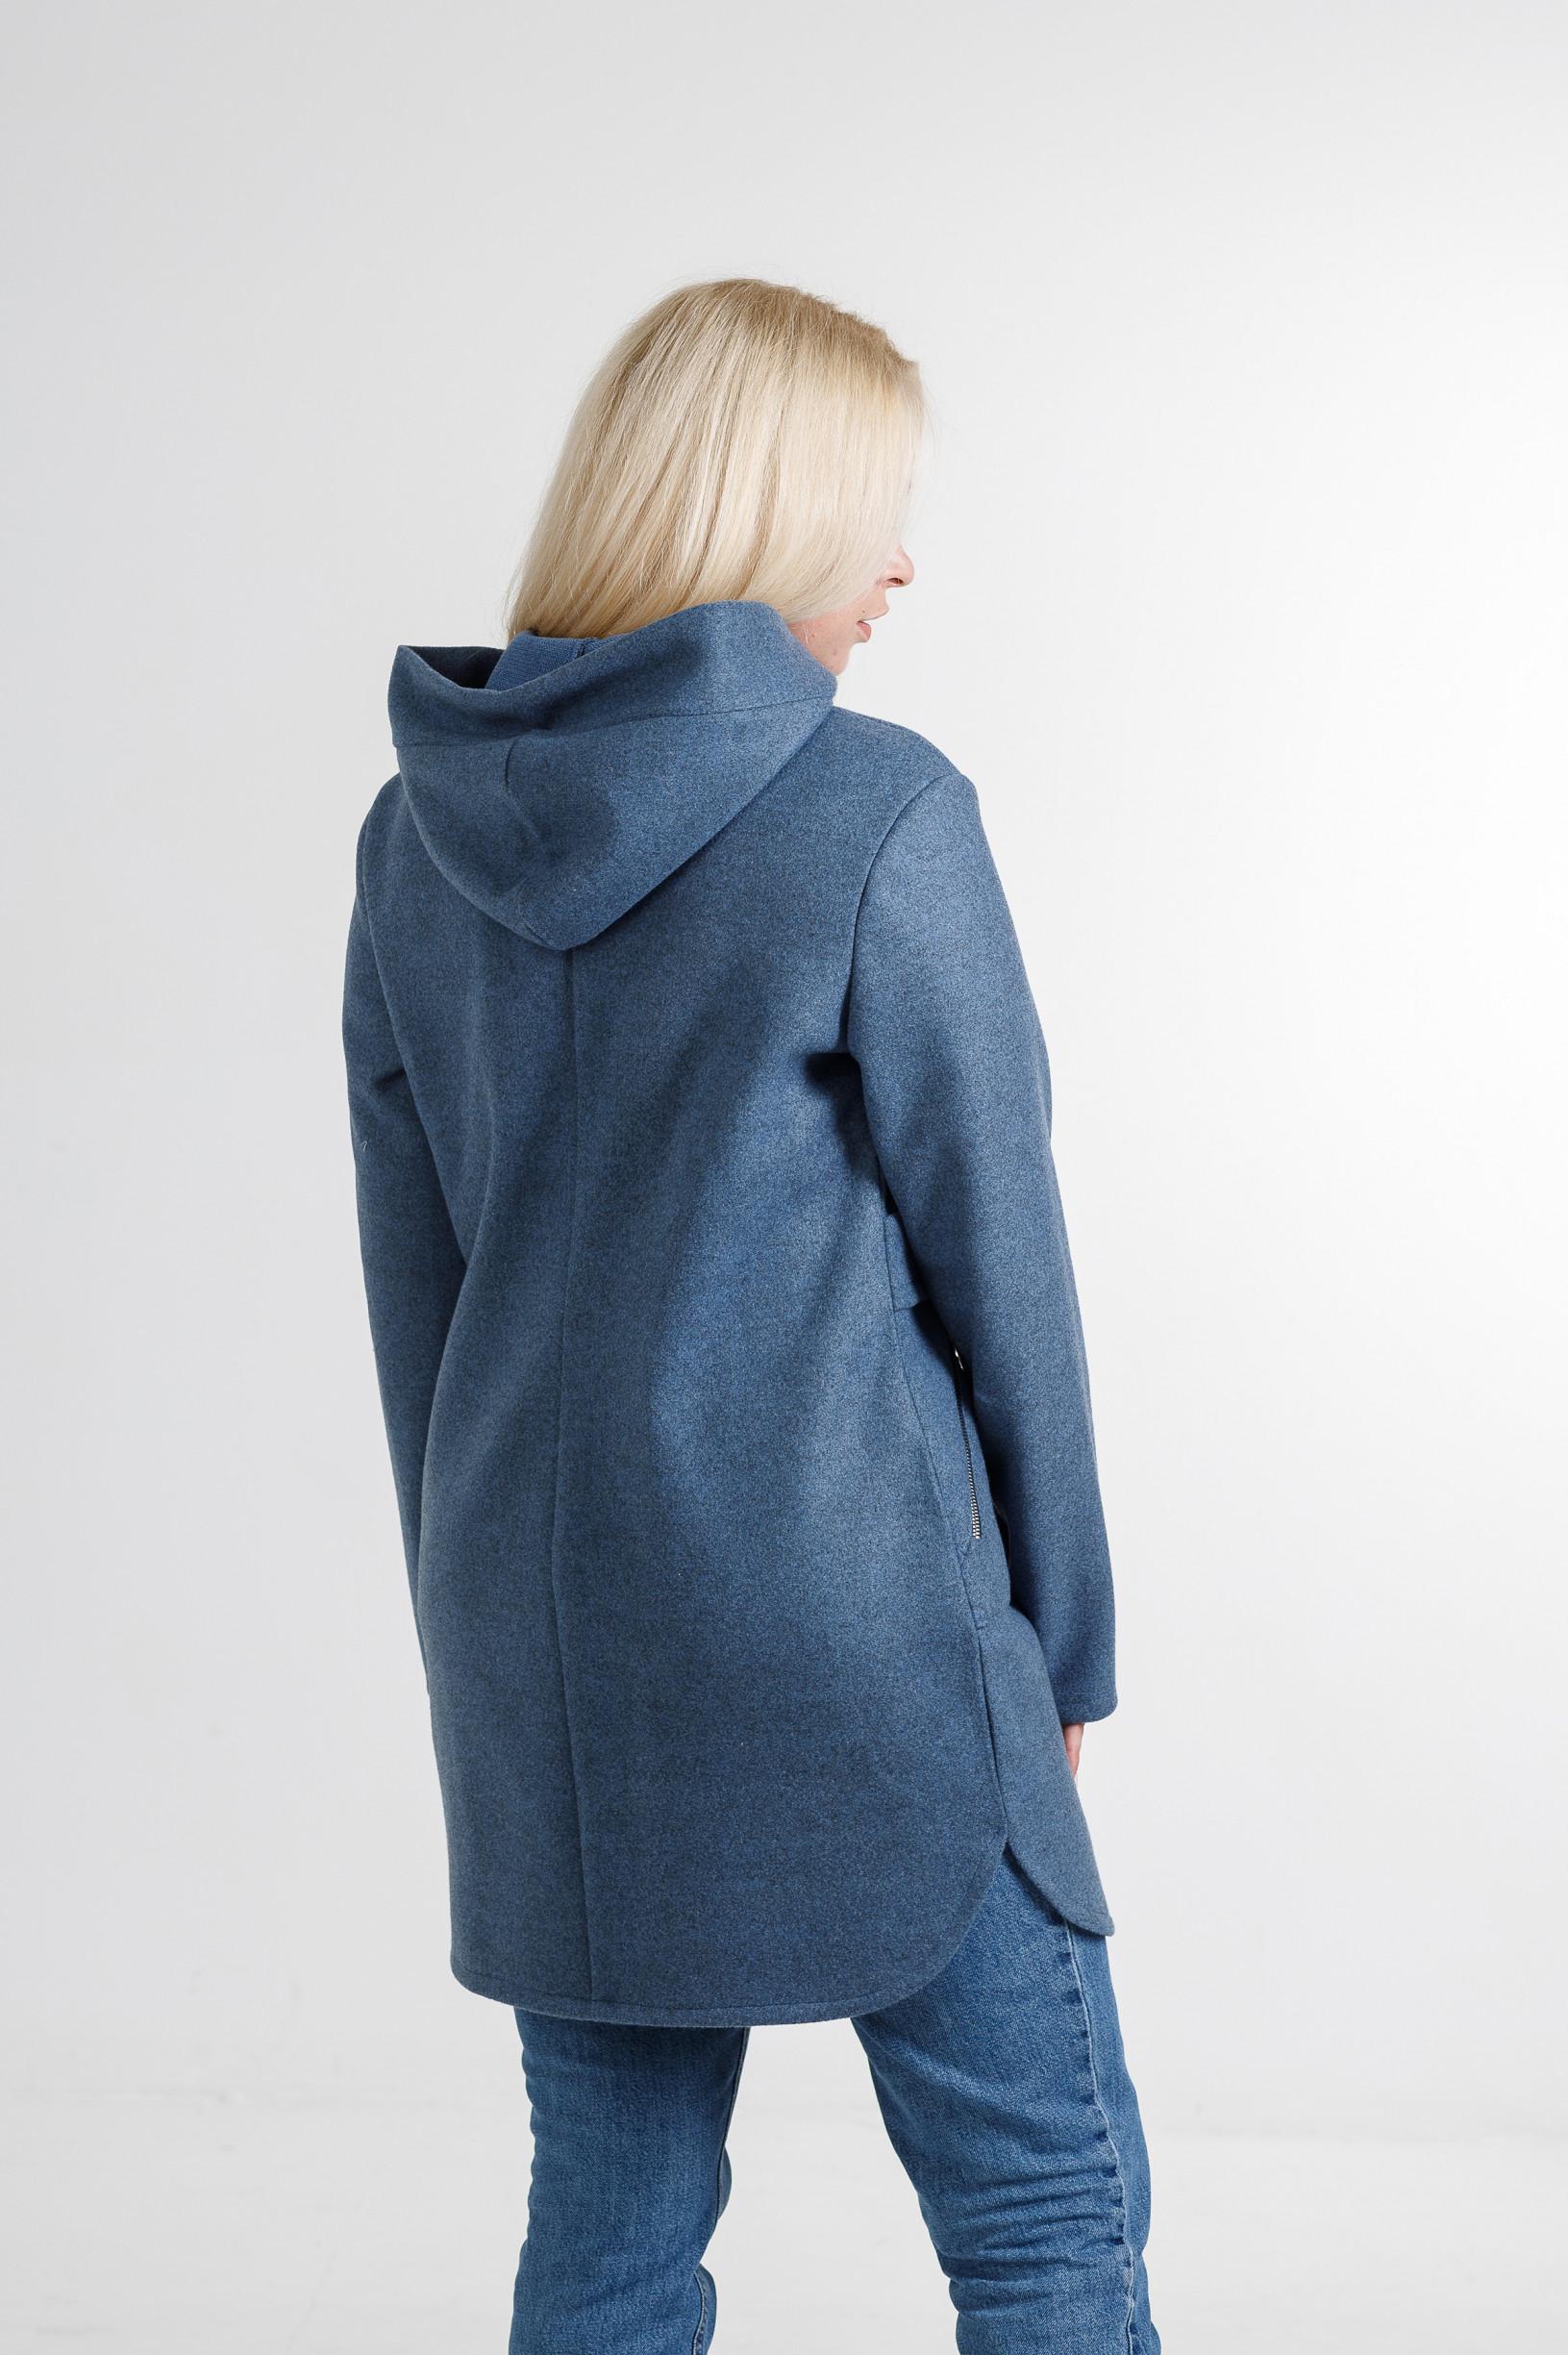 Женский кашемировый кардиган Меган джинсового цвета